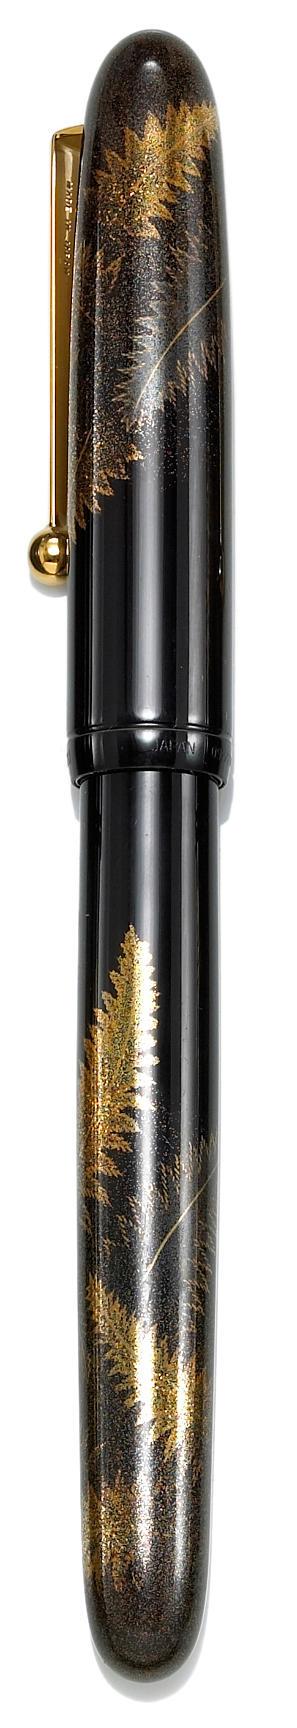 NAMIKI: Dunhill Namiki Fern Limited Edition Maki-e Fountain Pen